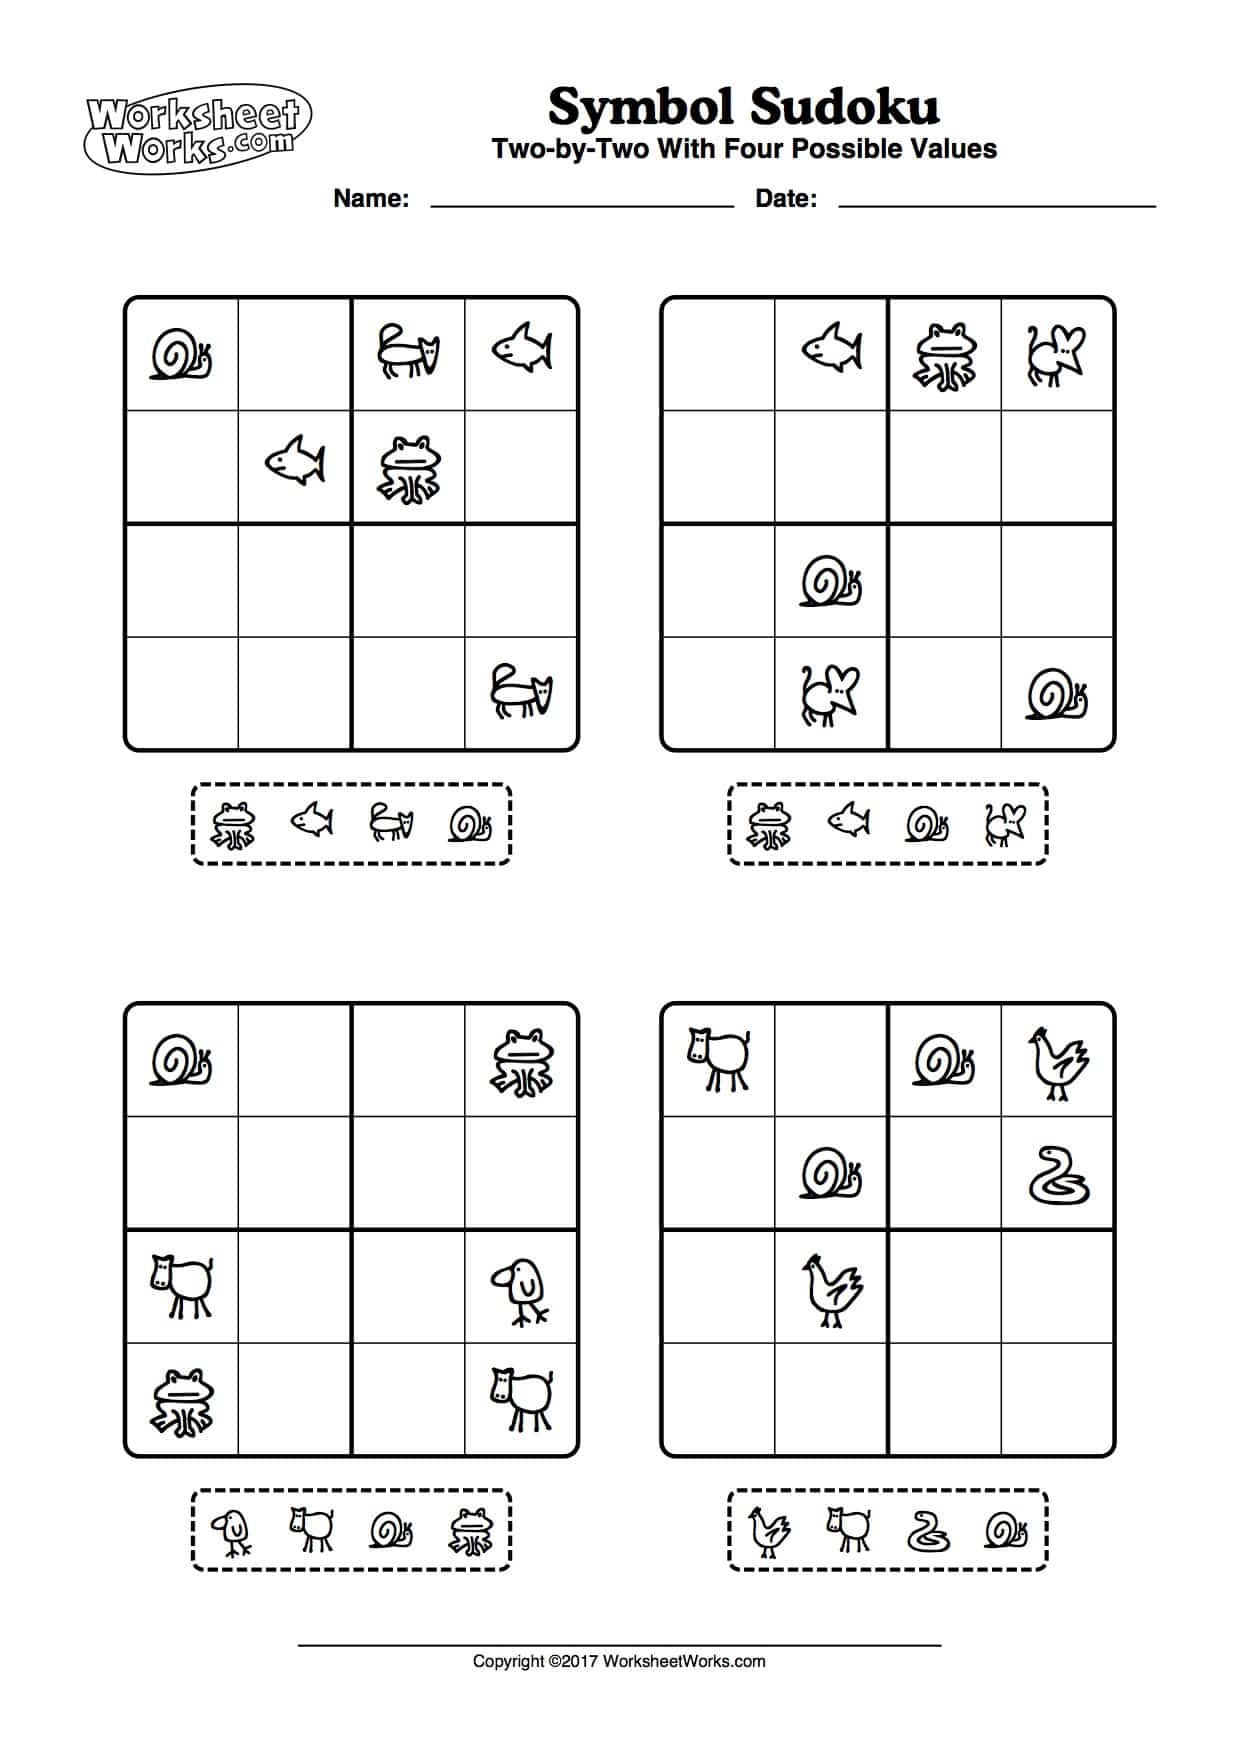 Bildersudoku, Sudoku, Wahrnehmung, Aufmerksamkeit, AFS-Methode, Legasthenie, Dyskalkulie